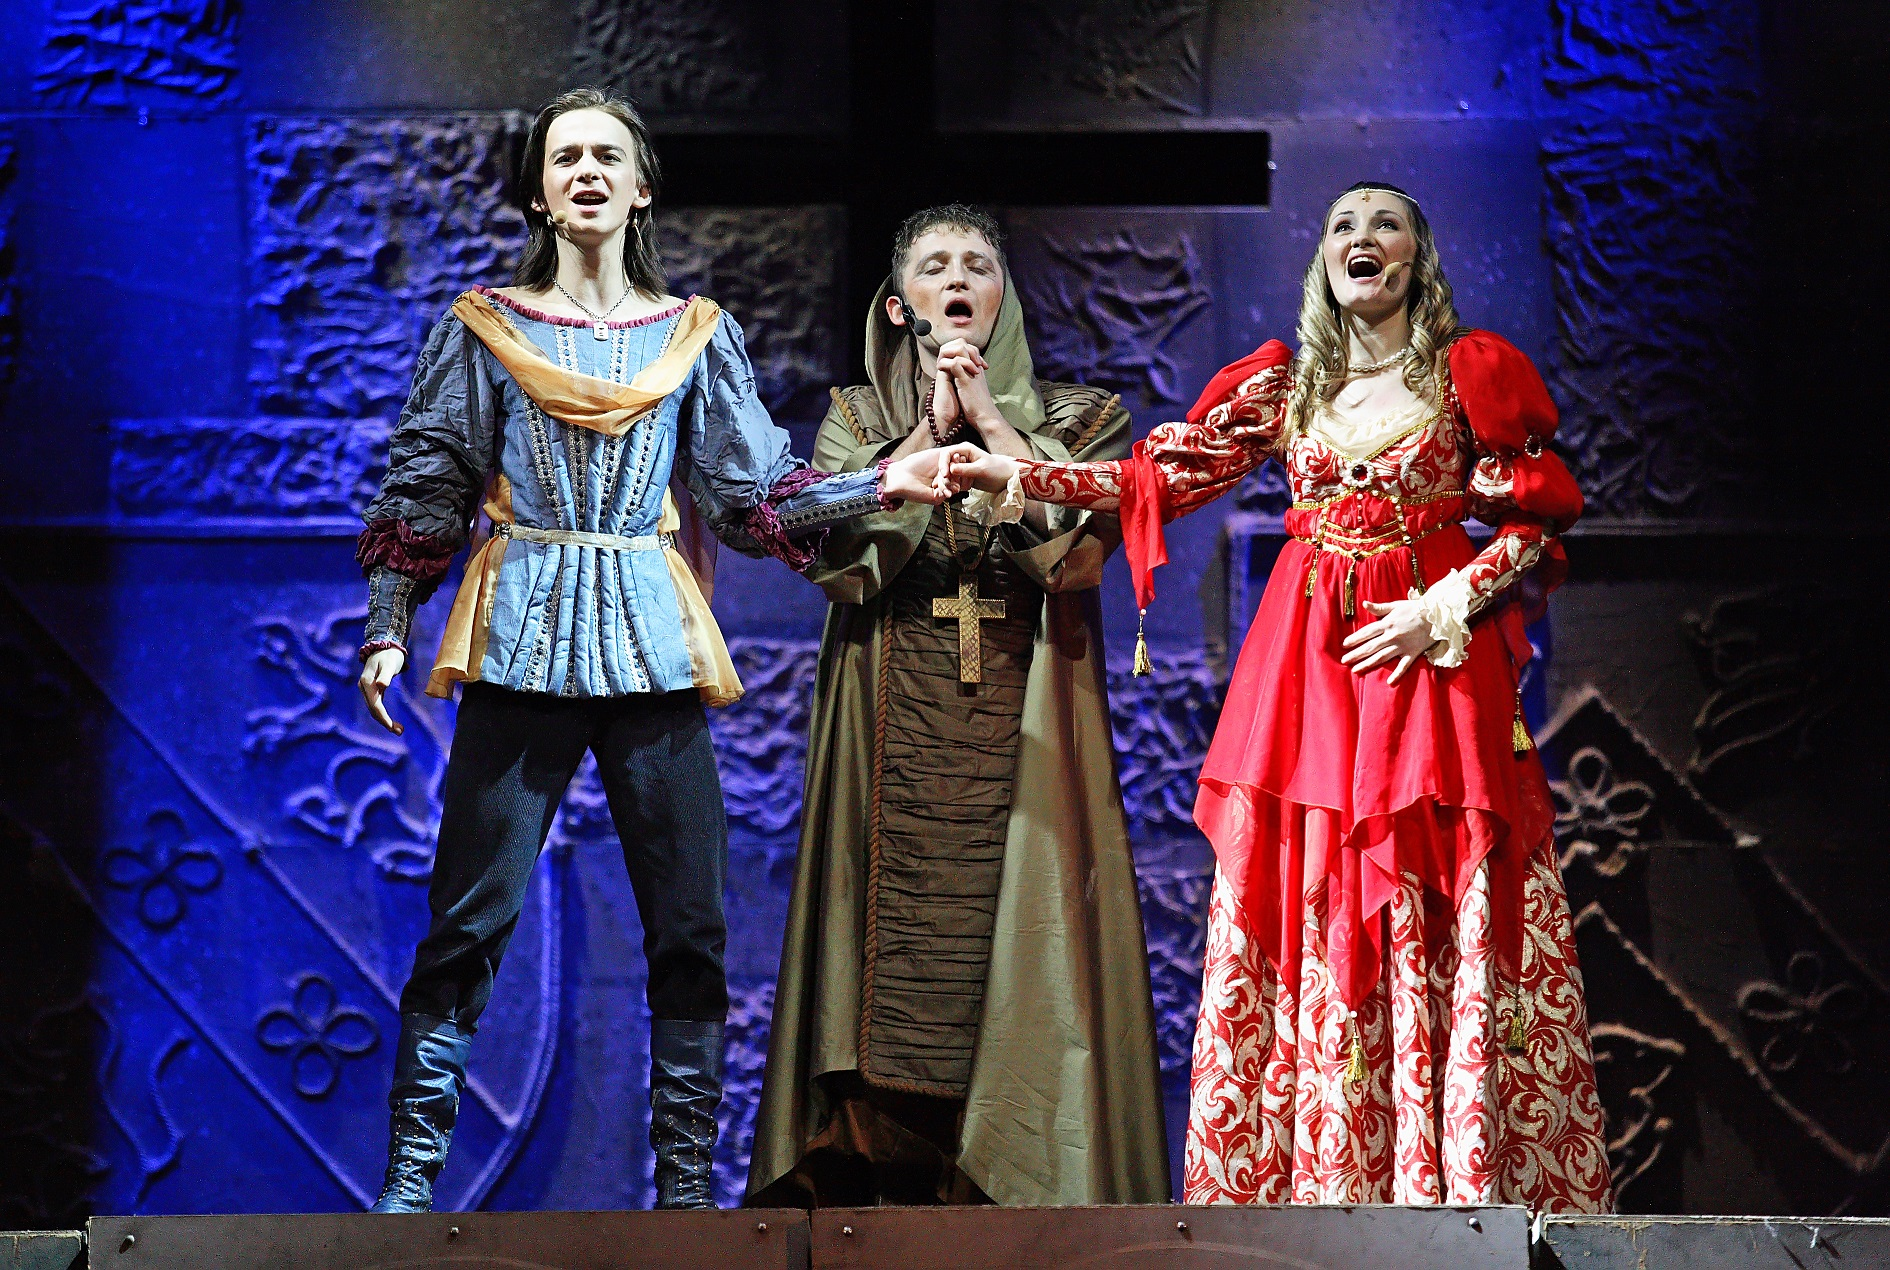 «Ромео и Джульетта» – мюзикл о самой великой любви